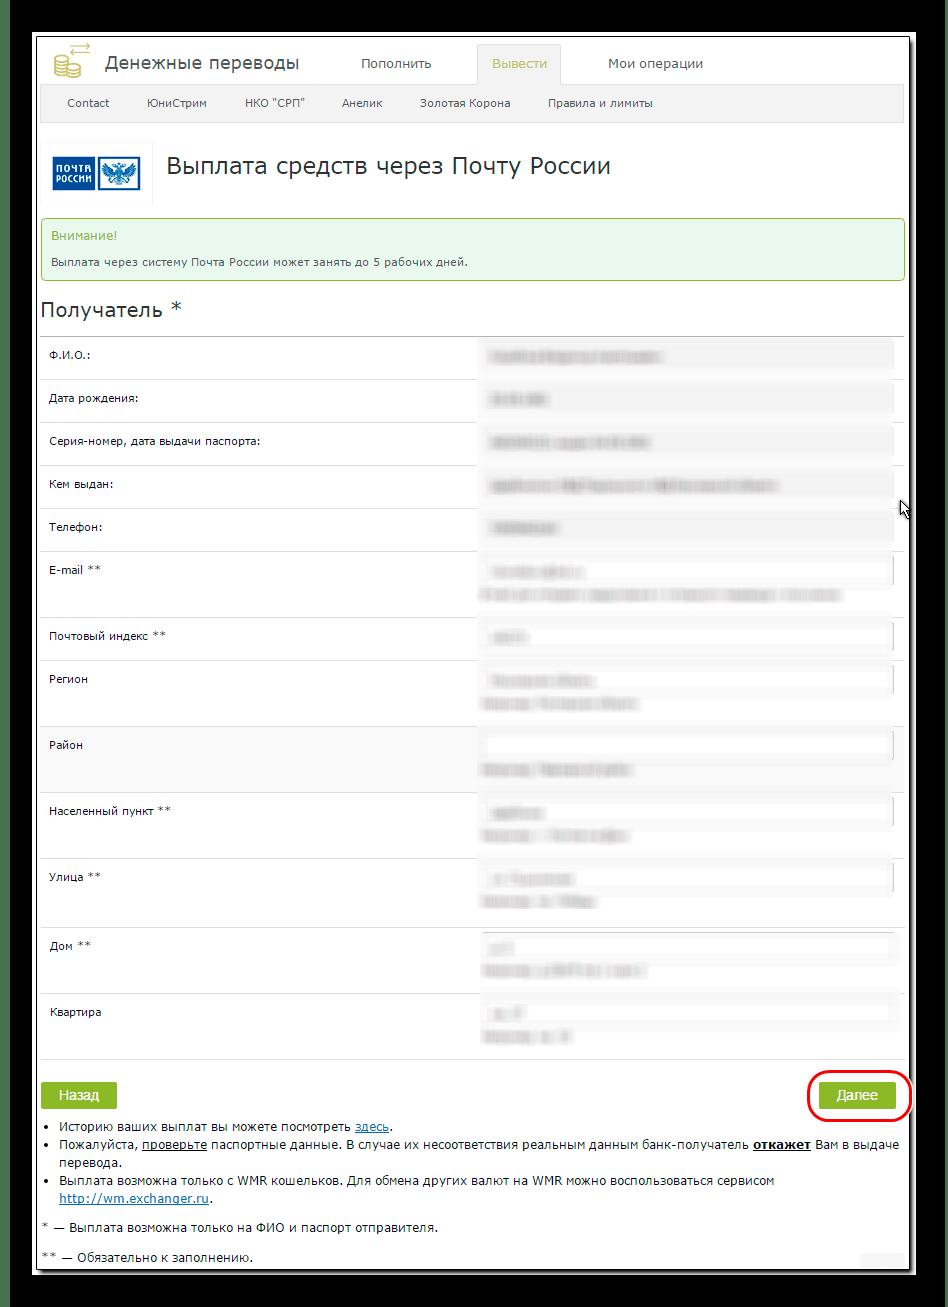 личные данные для почтового перевода